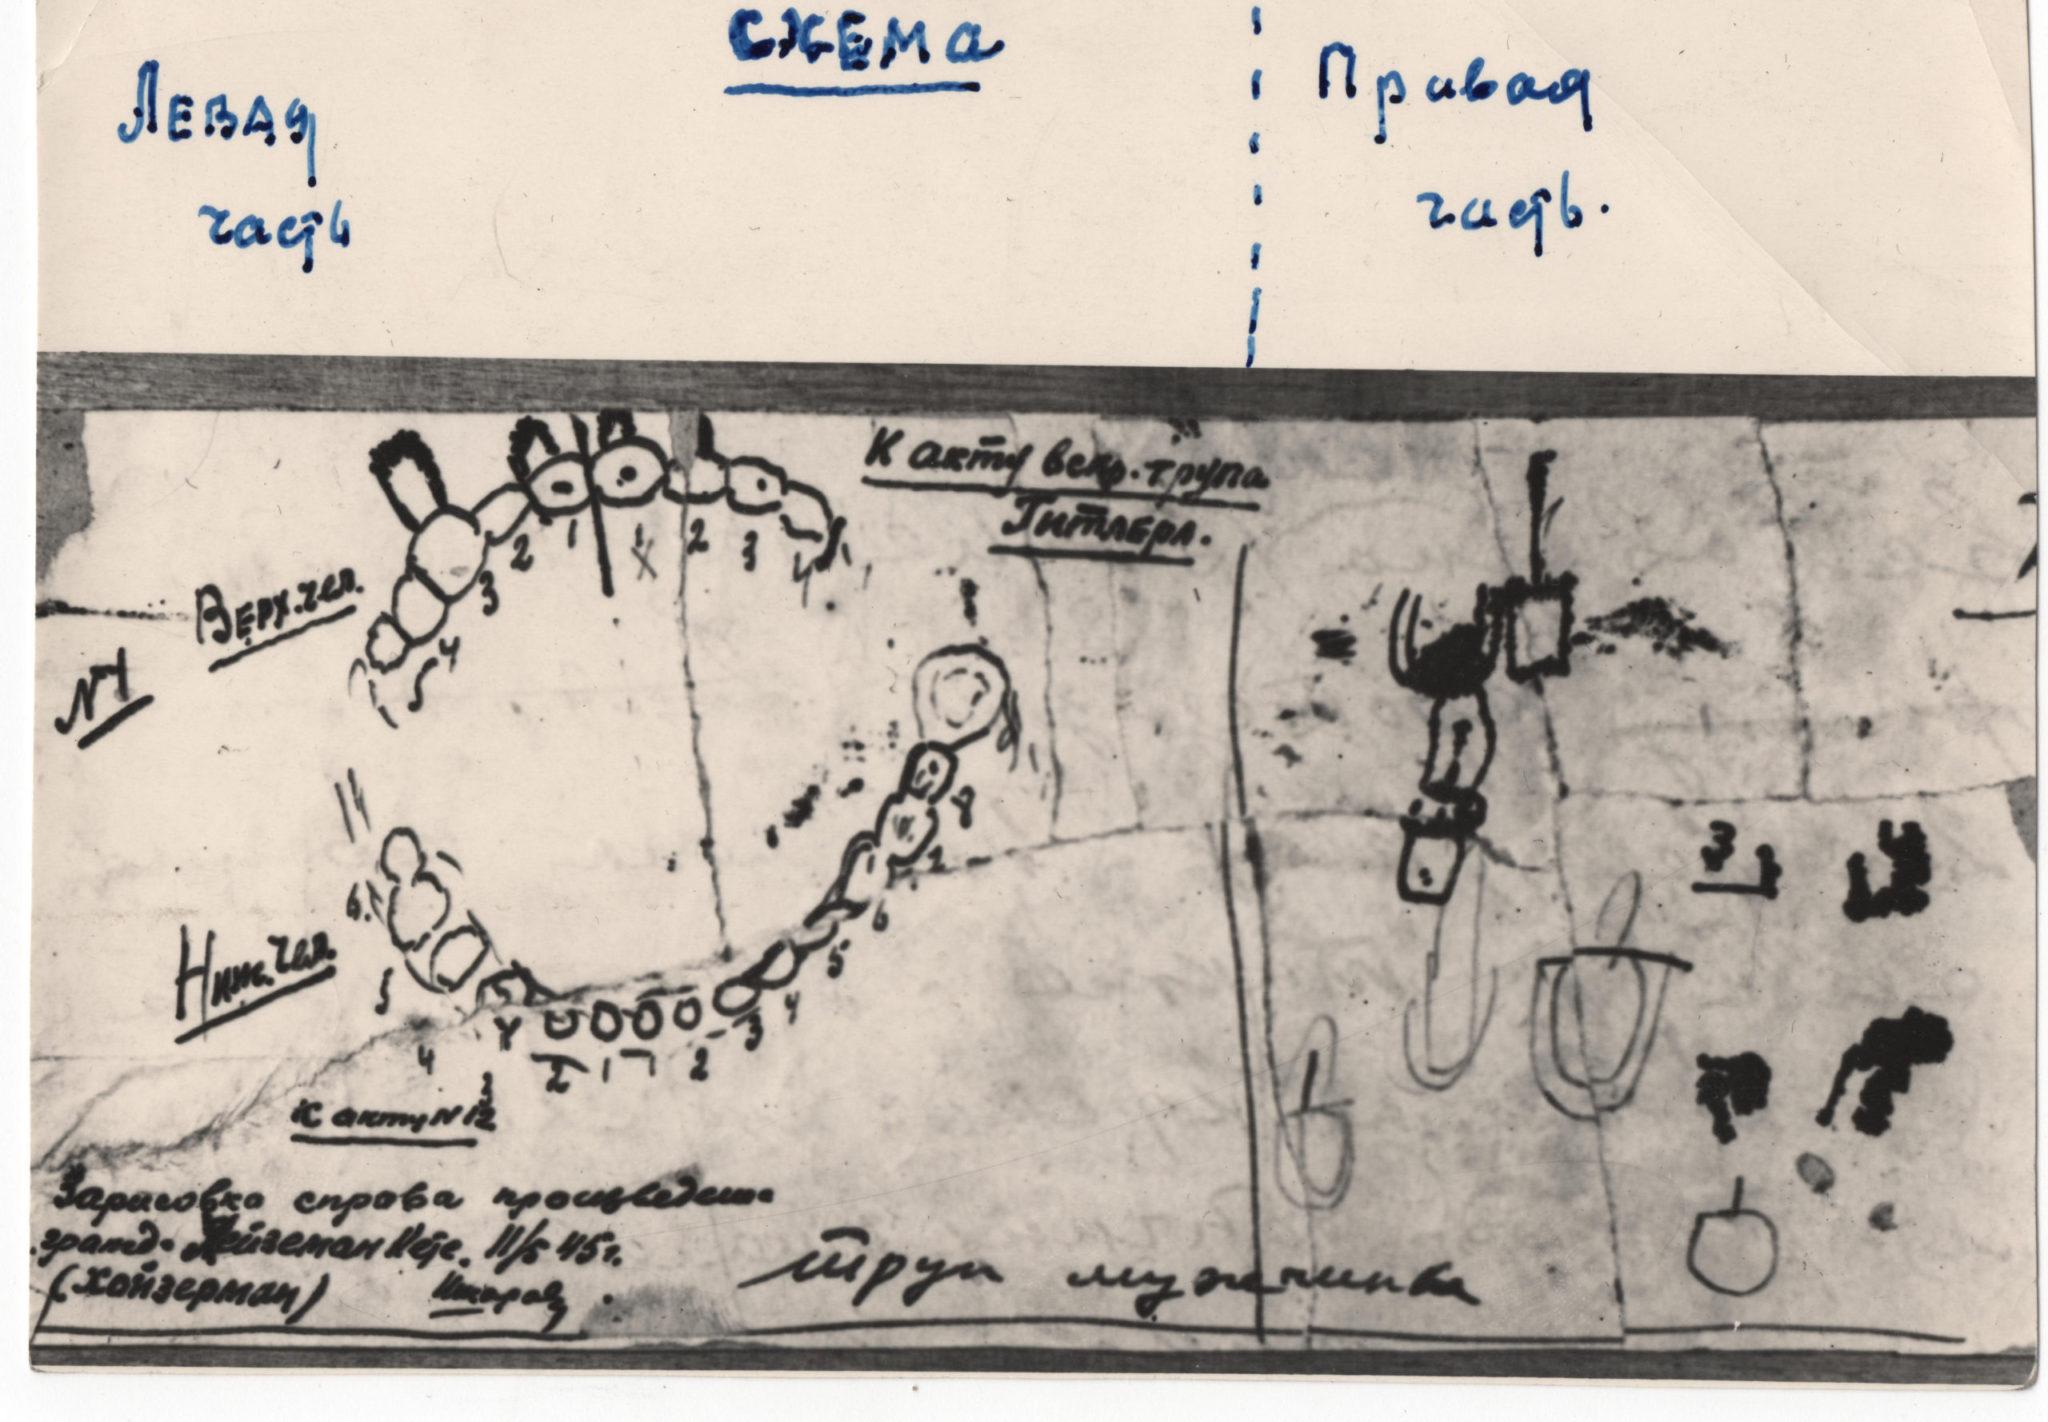 Схема зубов Гитлера, составленная при допросе Кете Хойзерман и проверенная патологоанатомом Ф.И. Шкаравским, который руководил вскрытием трупа фюрера